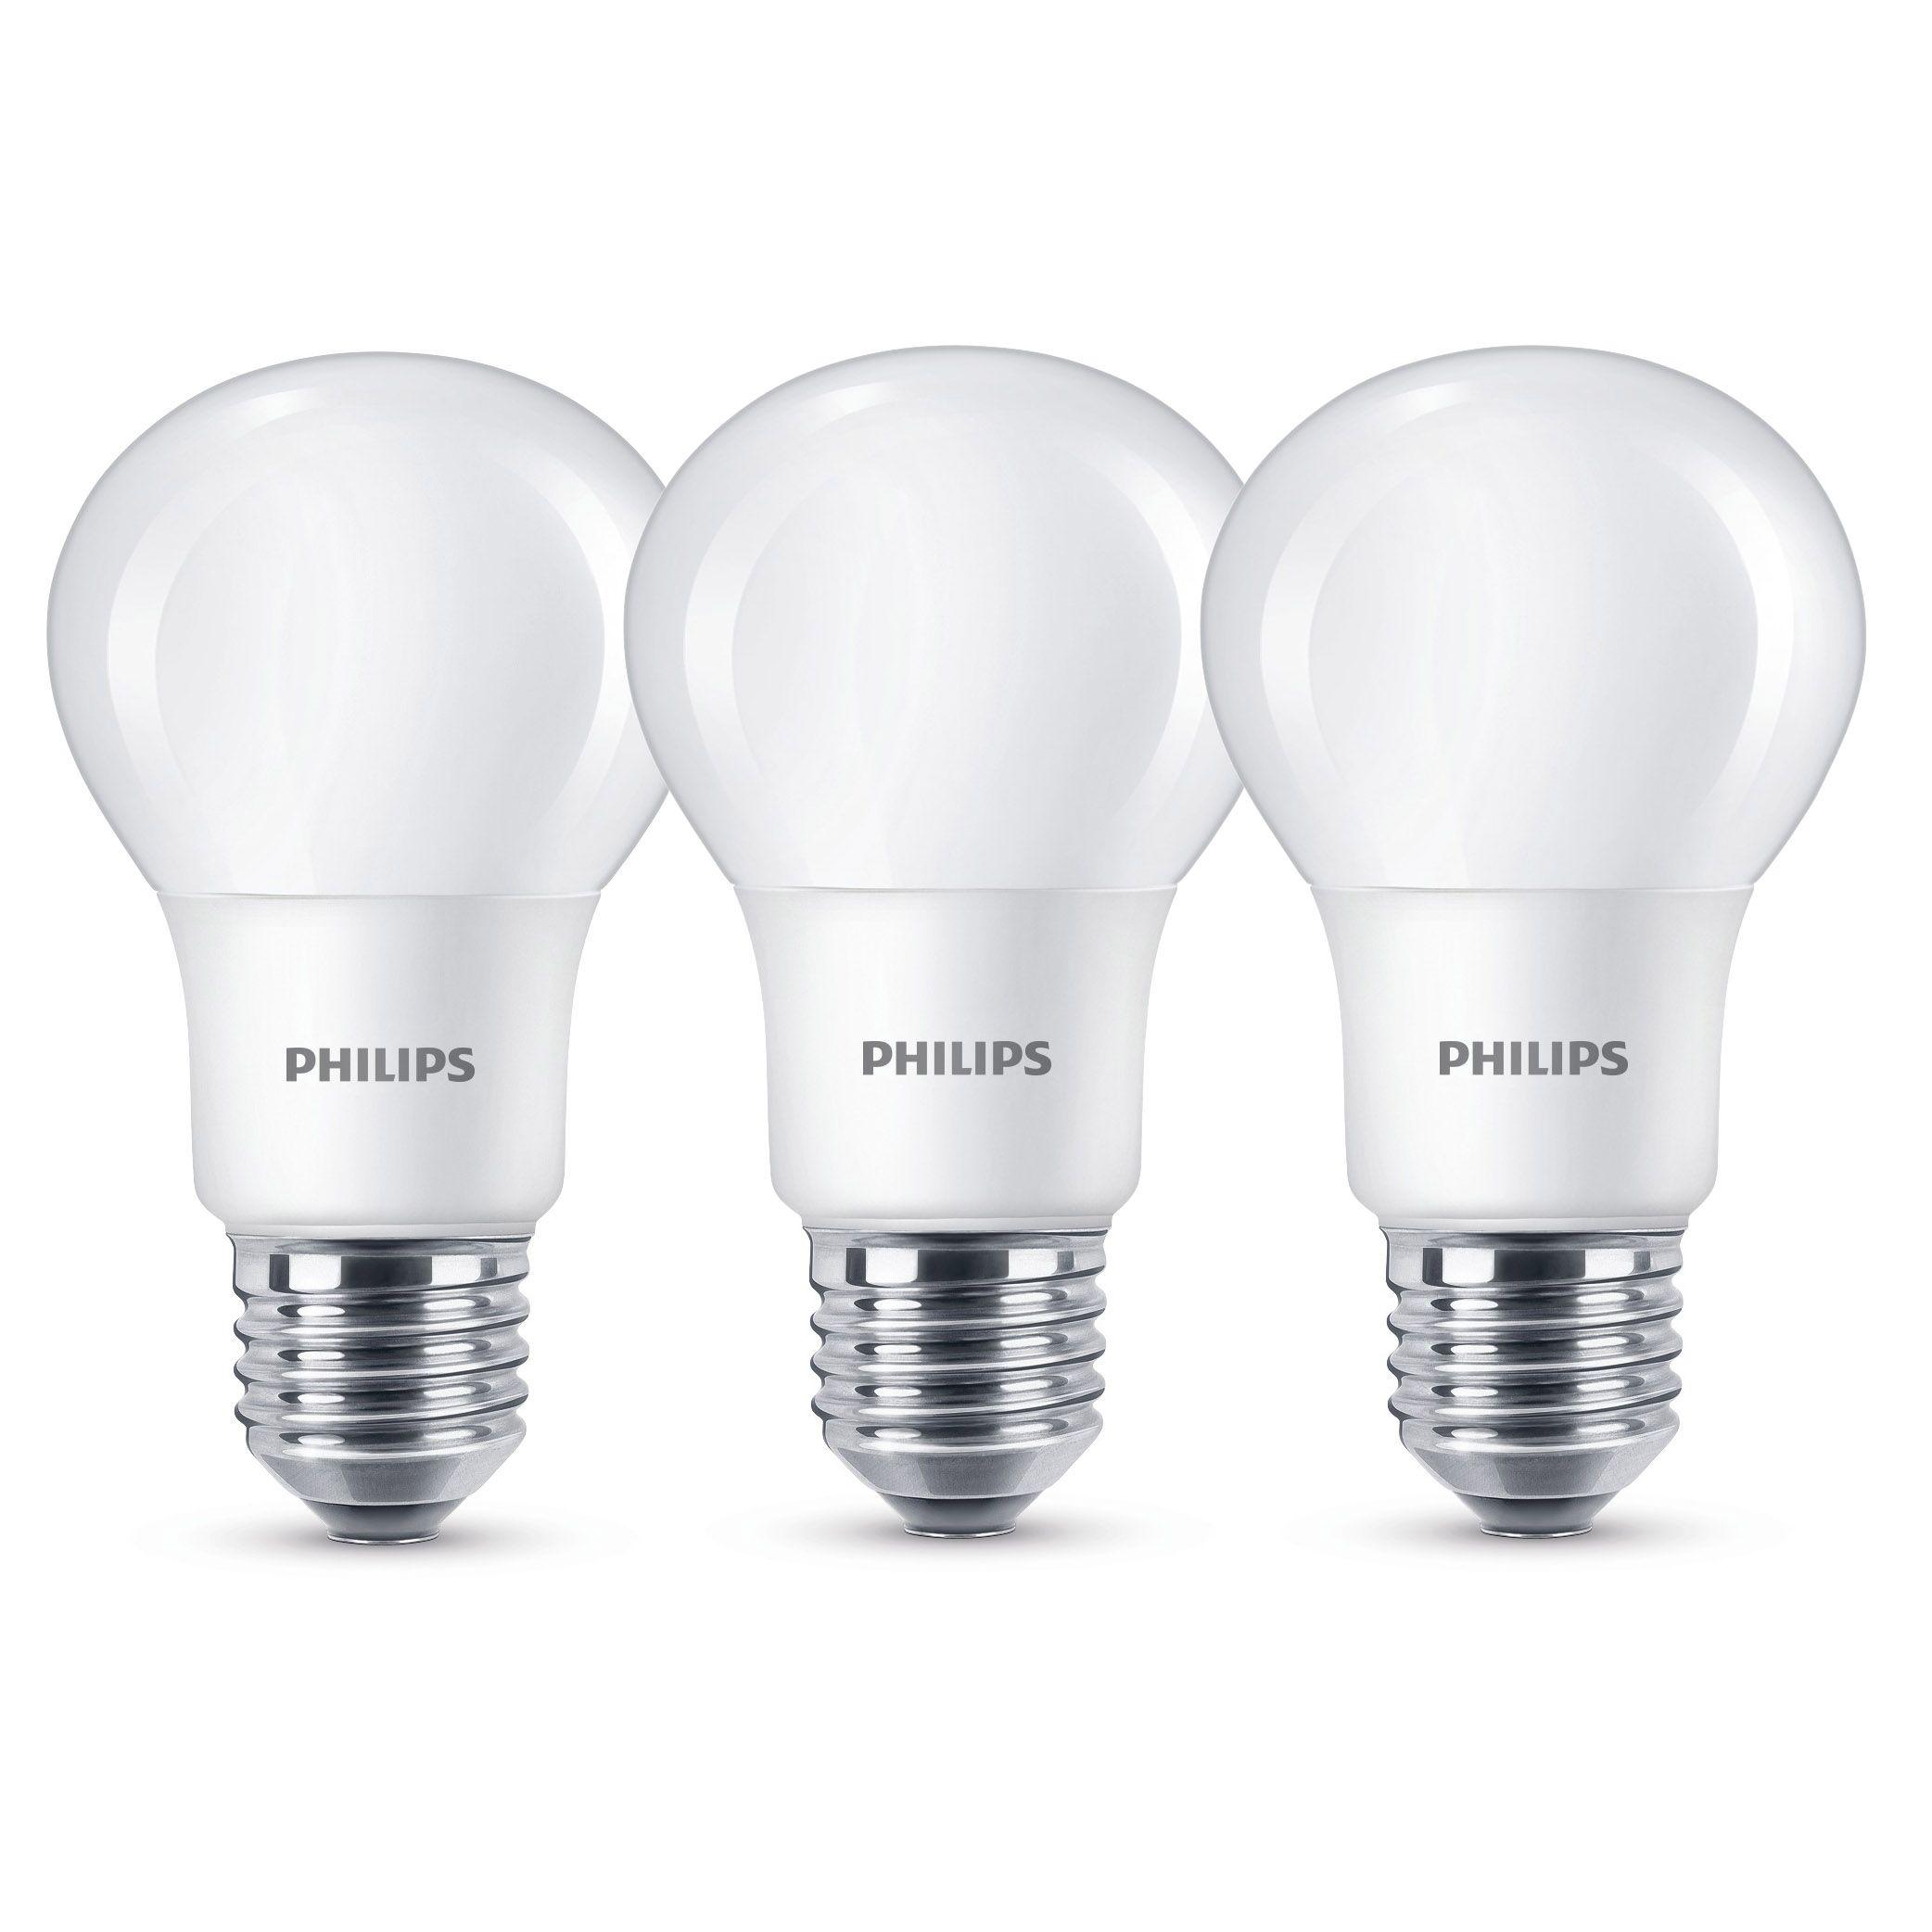 Philips E27 806lm Led Gls Light Bulb, Pack Of 3